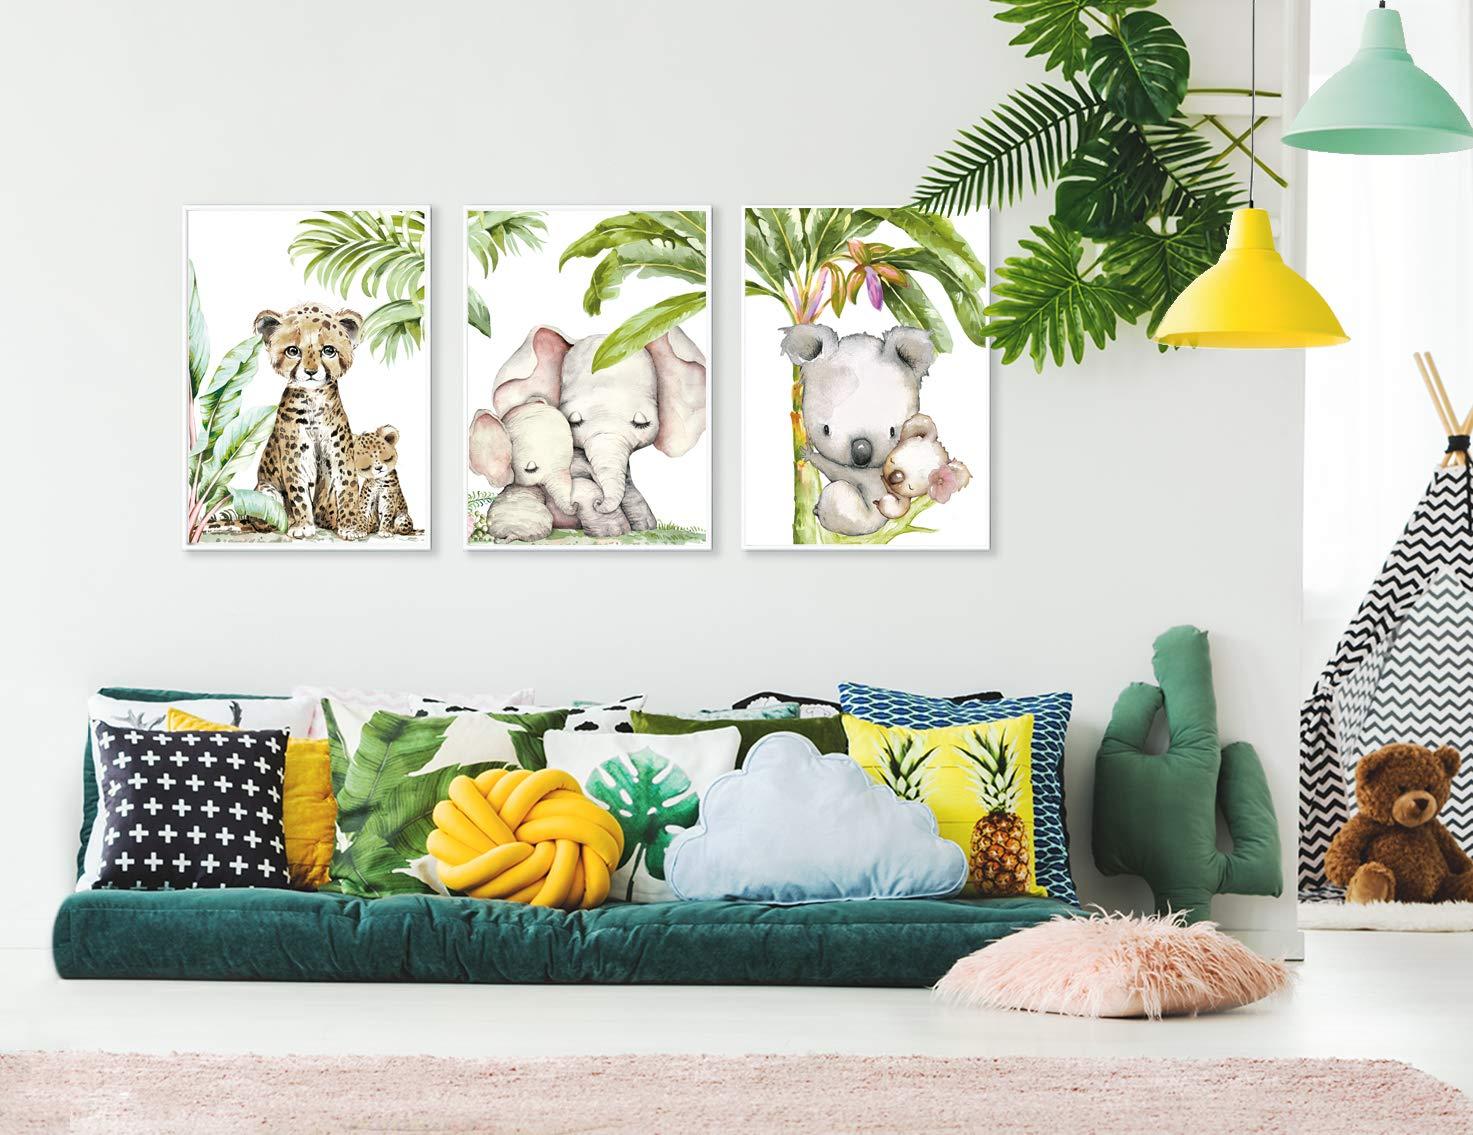 Artpin/® P54 Lot de 3 tableaux muraux pour chambre denfant Motif jungle d/él/éphant et tigre Koala Format A4